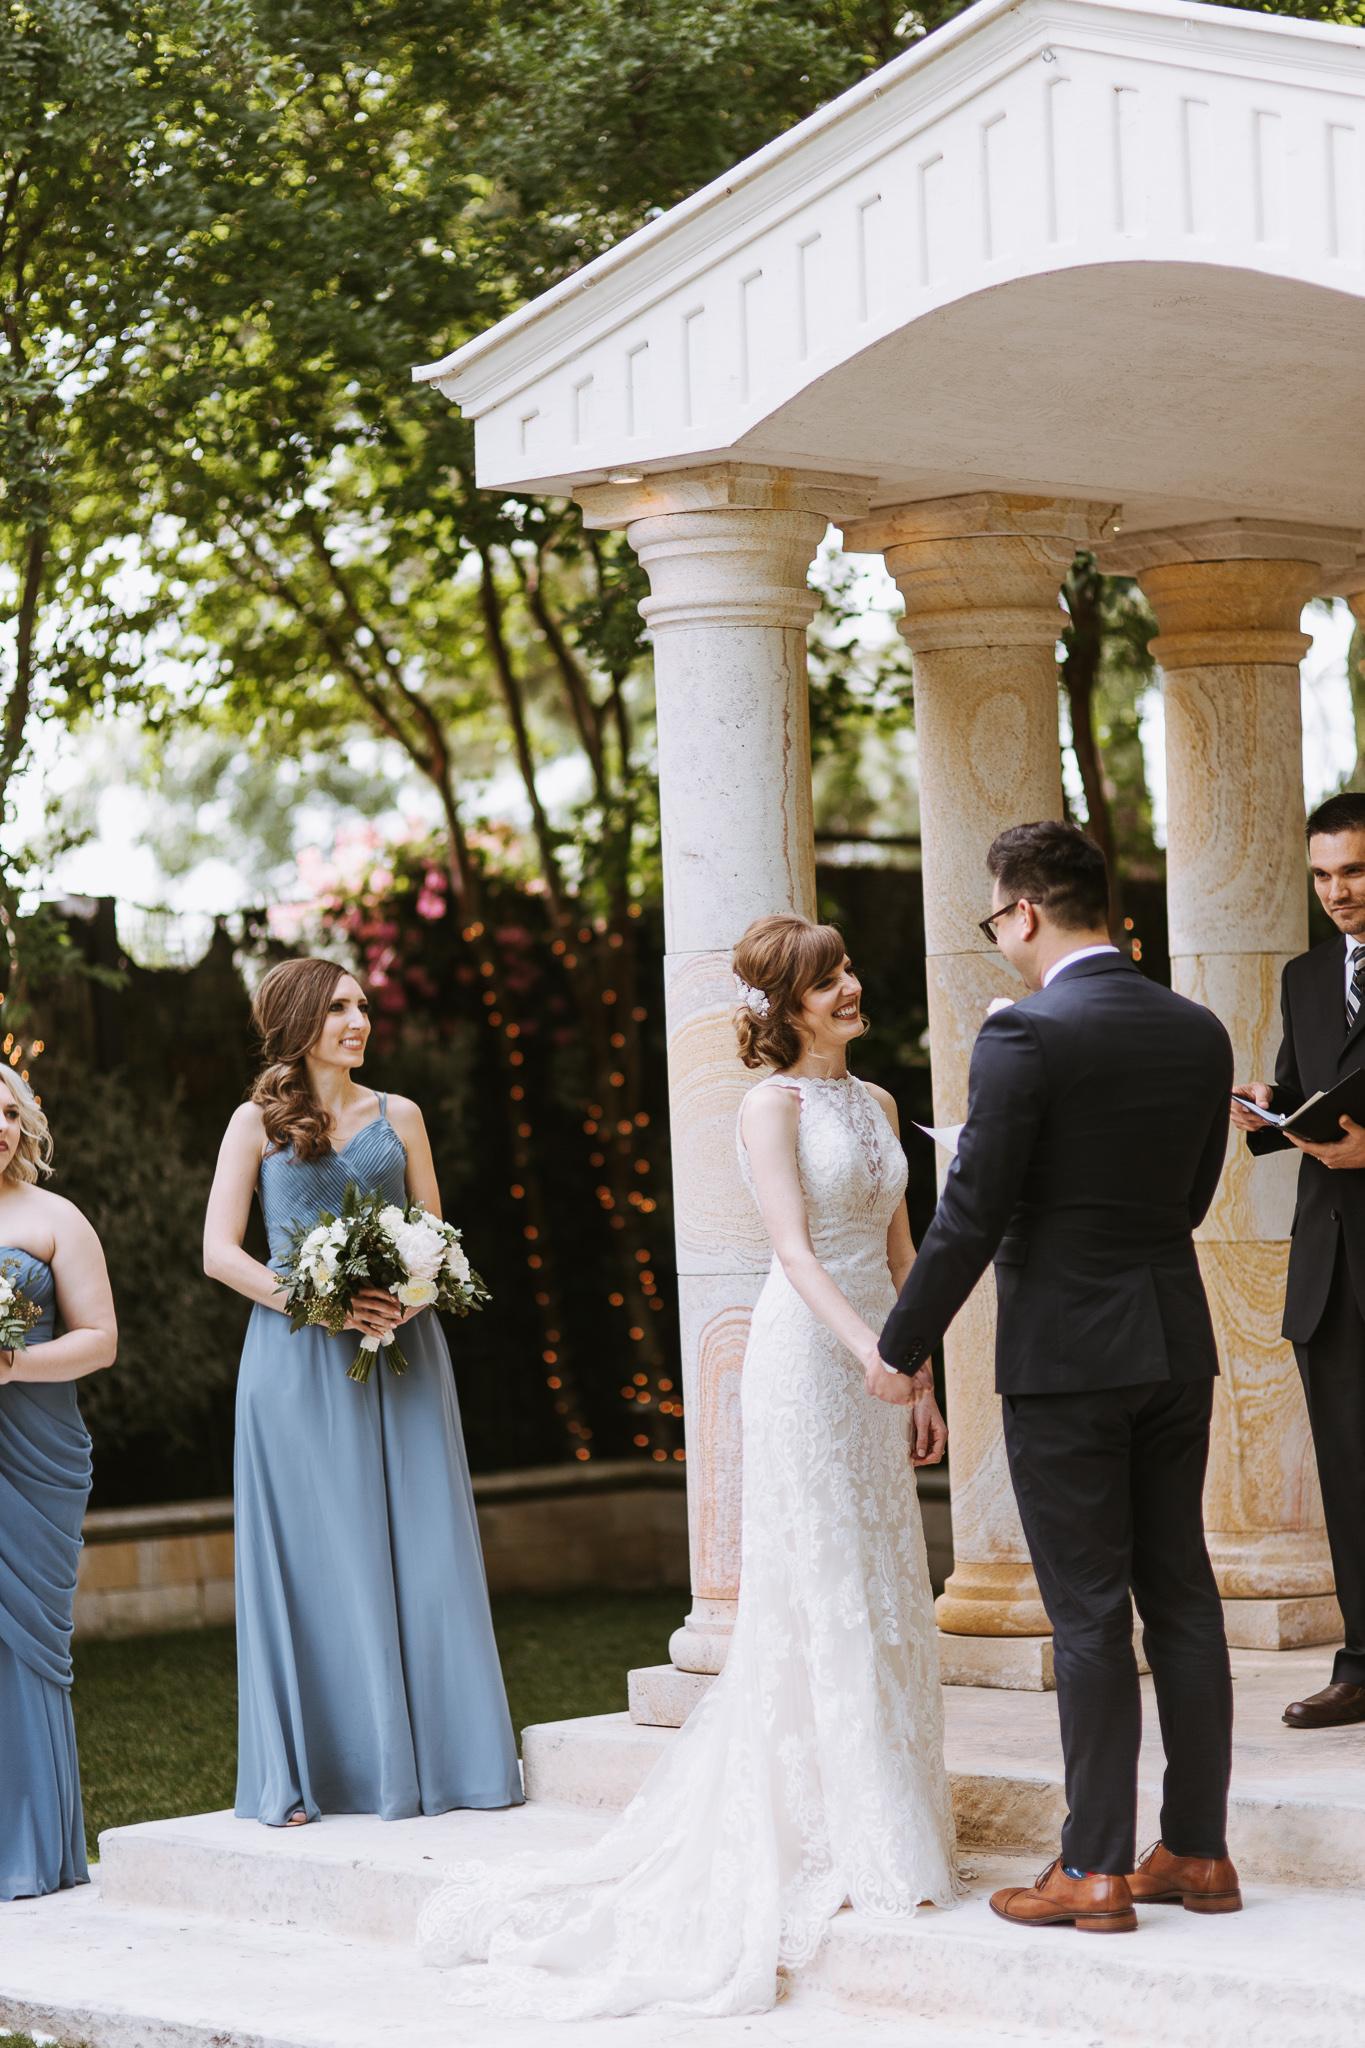 BayArea-Wedding-Photographer-42.jpg